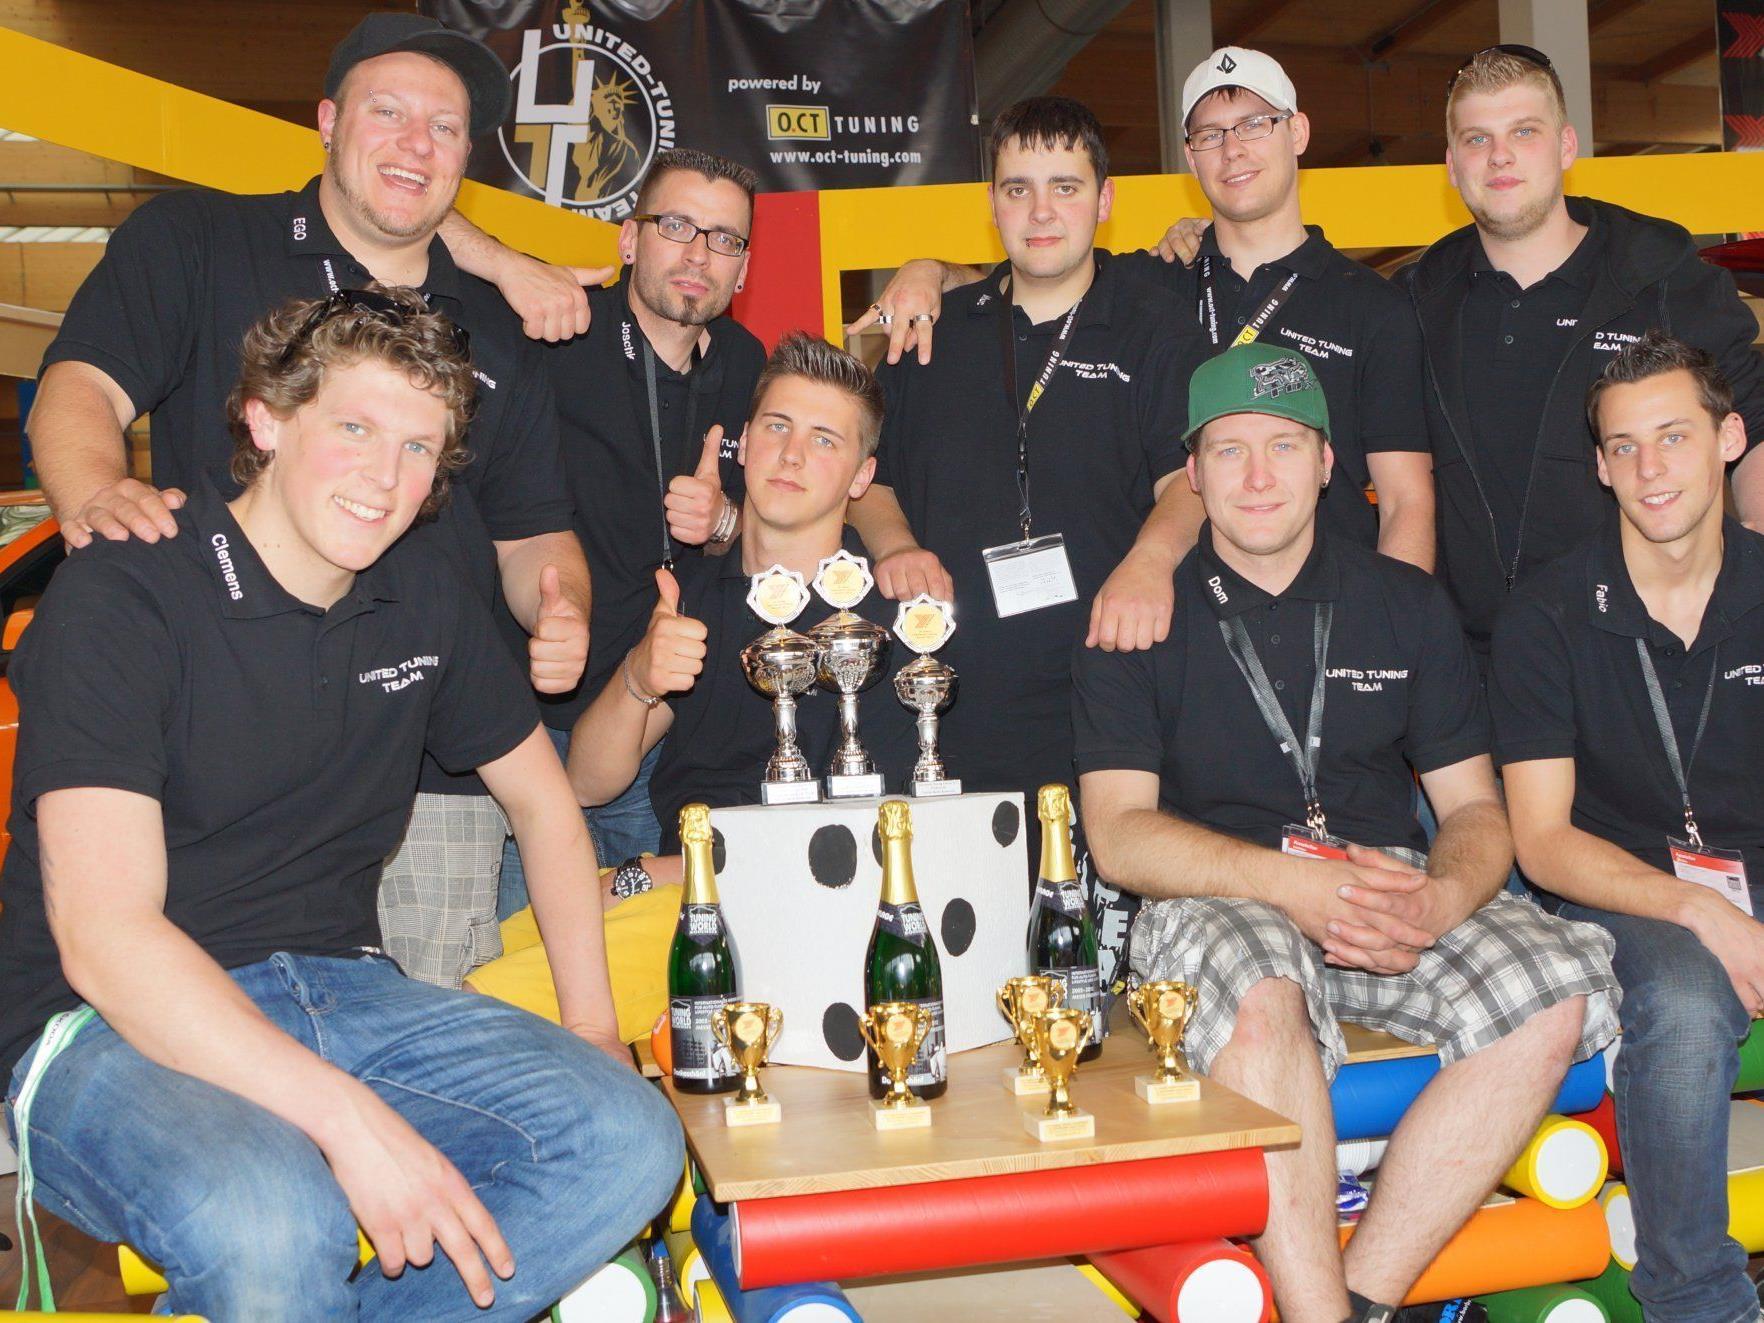 Das United Tuning Team konnte auf der TWB 2012 in Friedrichshafen überzeugen.